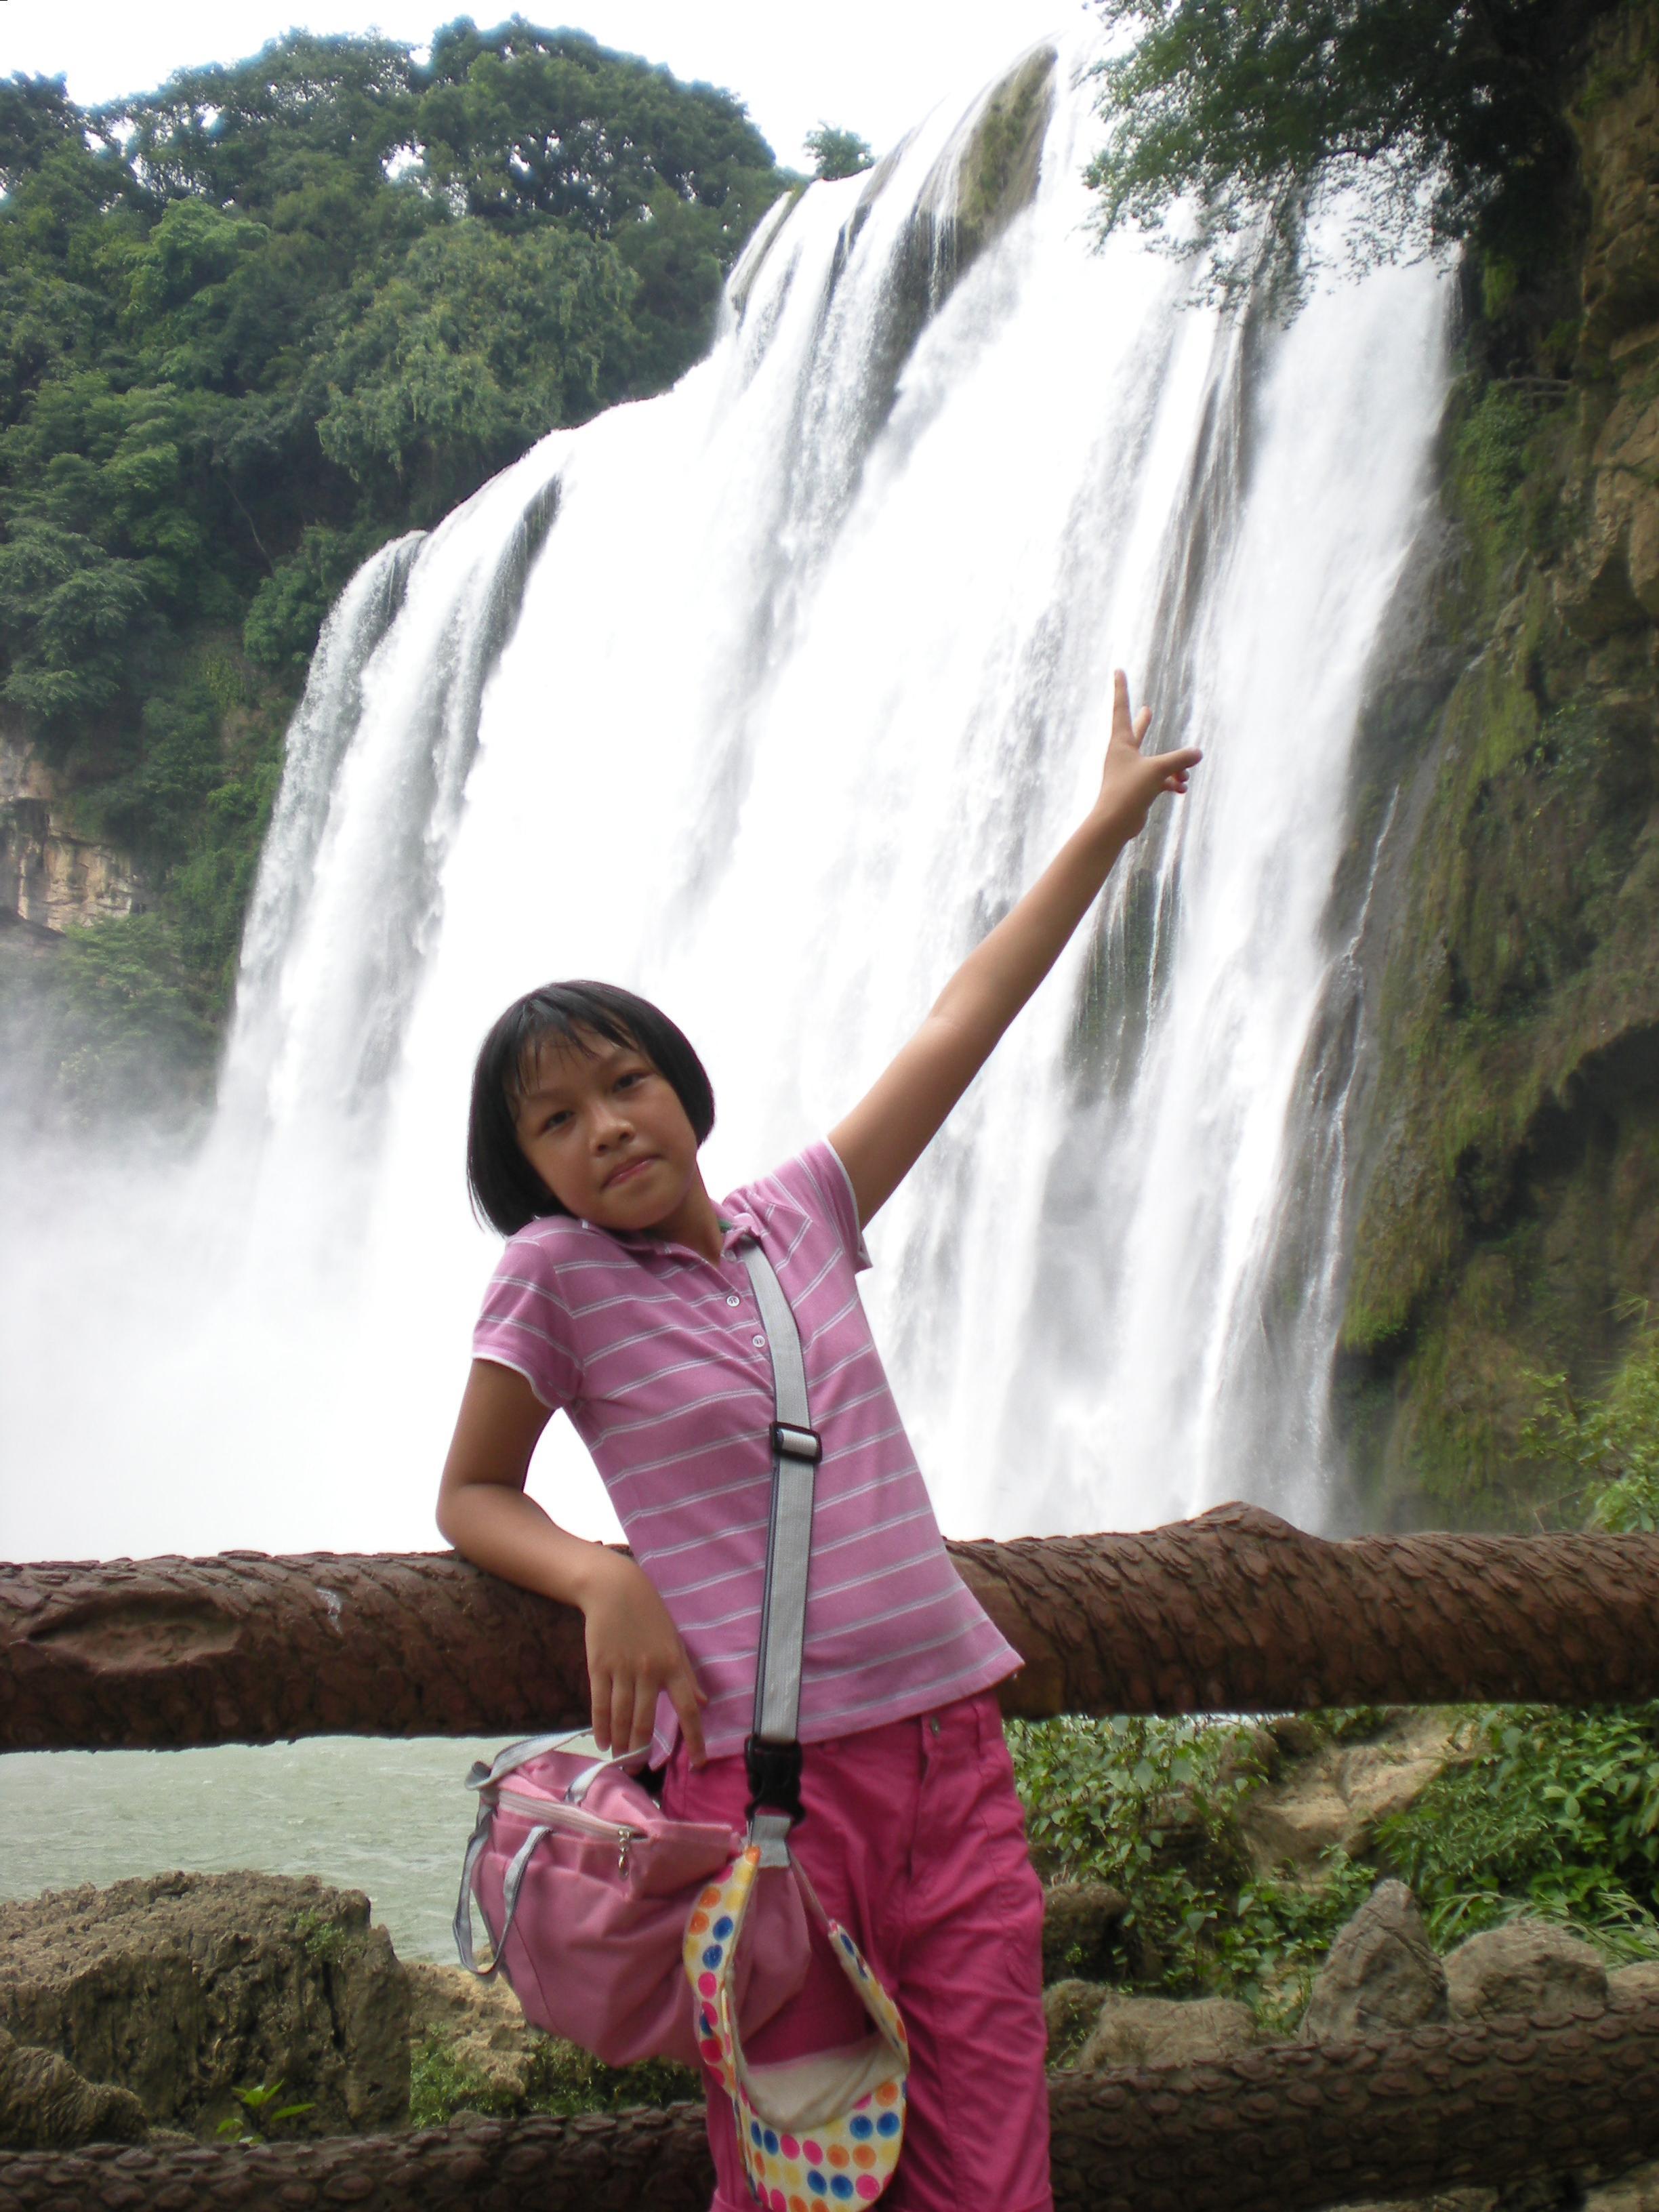 壁纸 风景 旅游 瀑布 山水 桌面 2448_3264 竖版 竖屏 手机